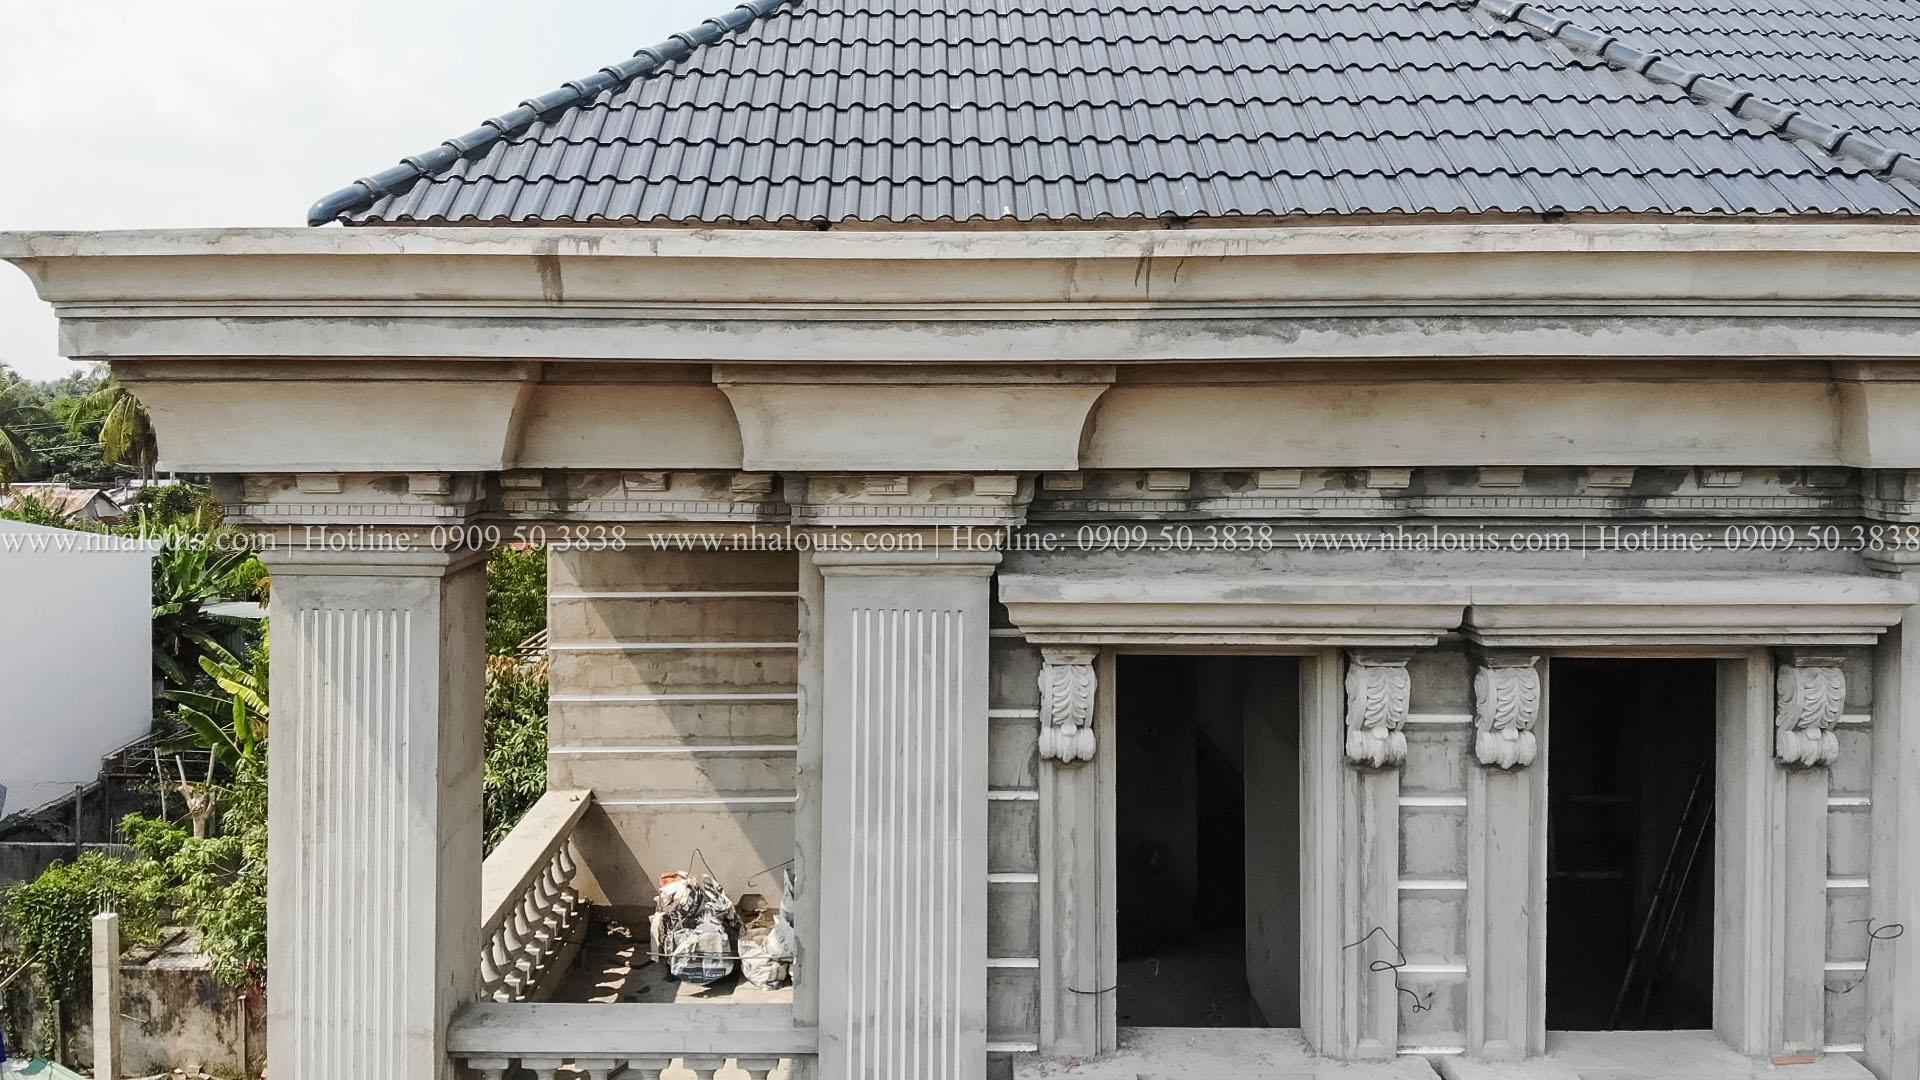 Lắp đặt các hạng mục ngoại thất, nội thất mẫu biệt thự đẹp 2 tầng tân cổ điển Tây Ninh